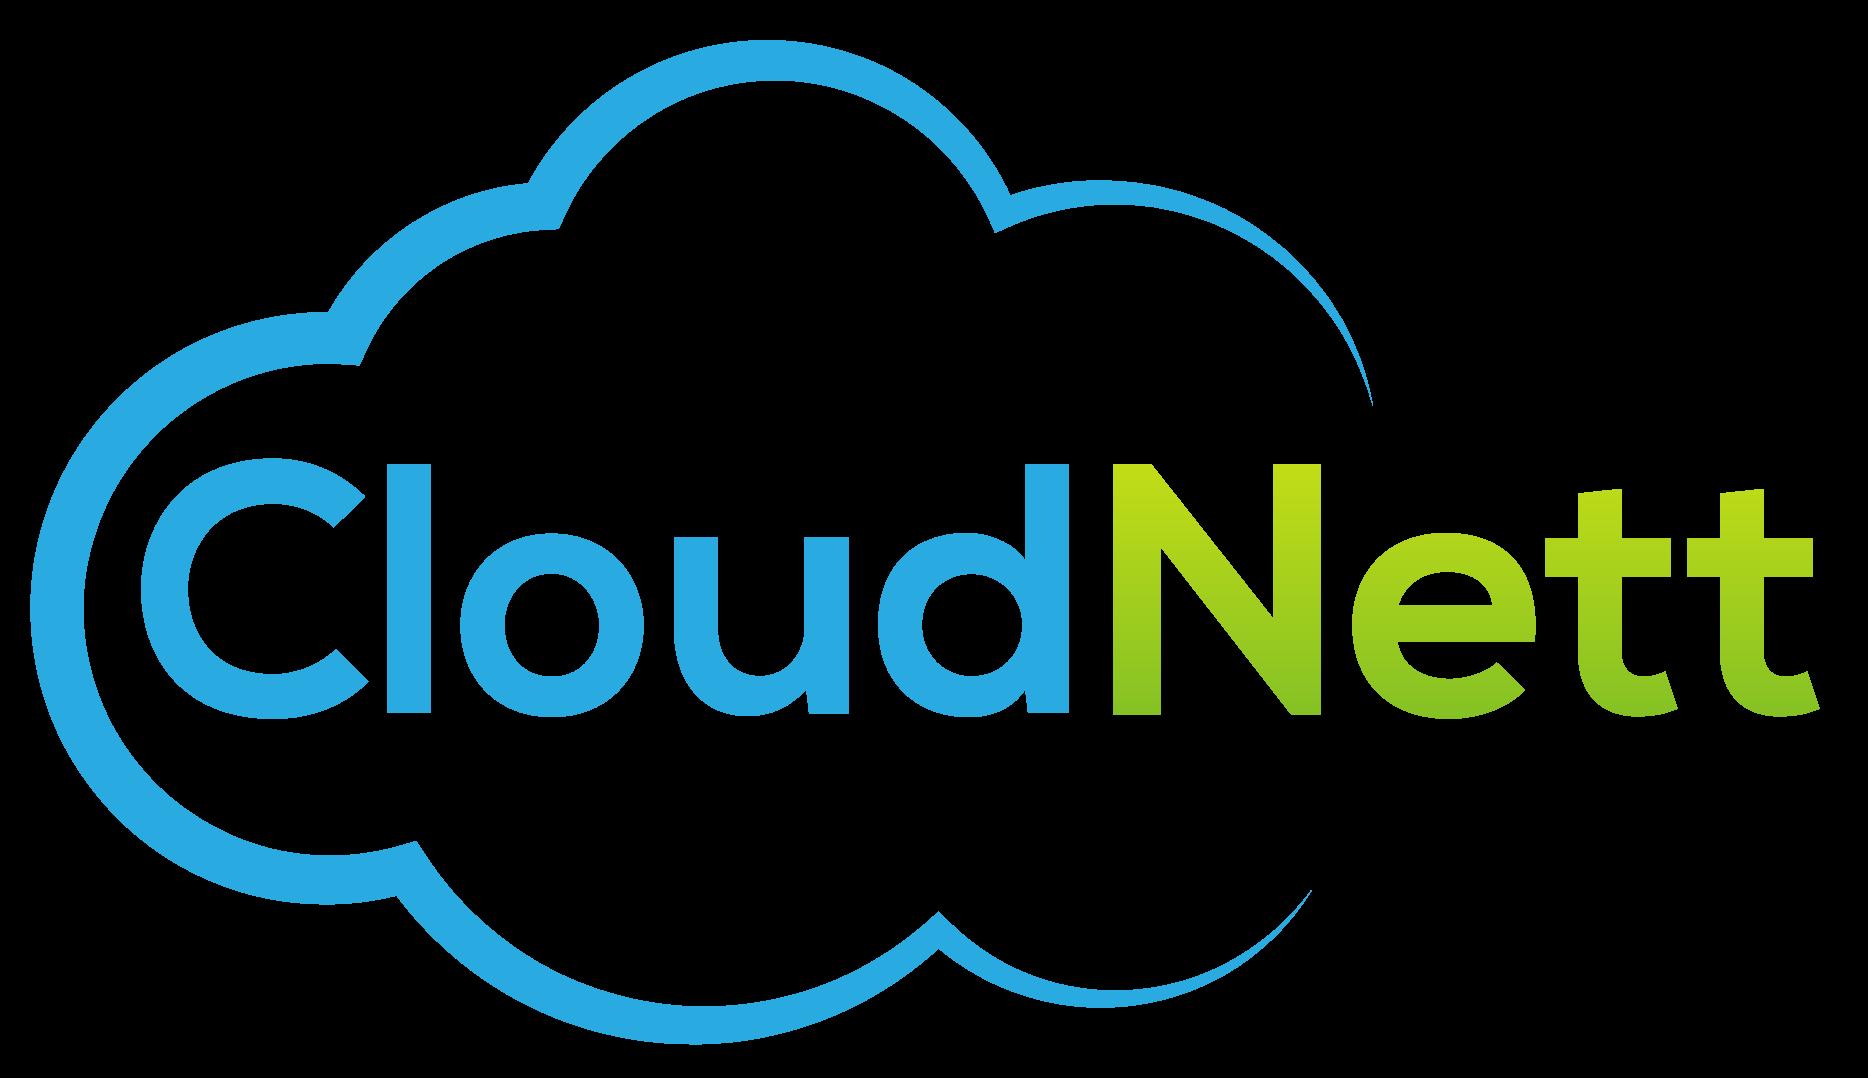 CloudNett